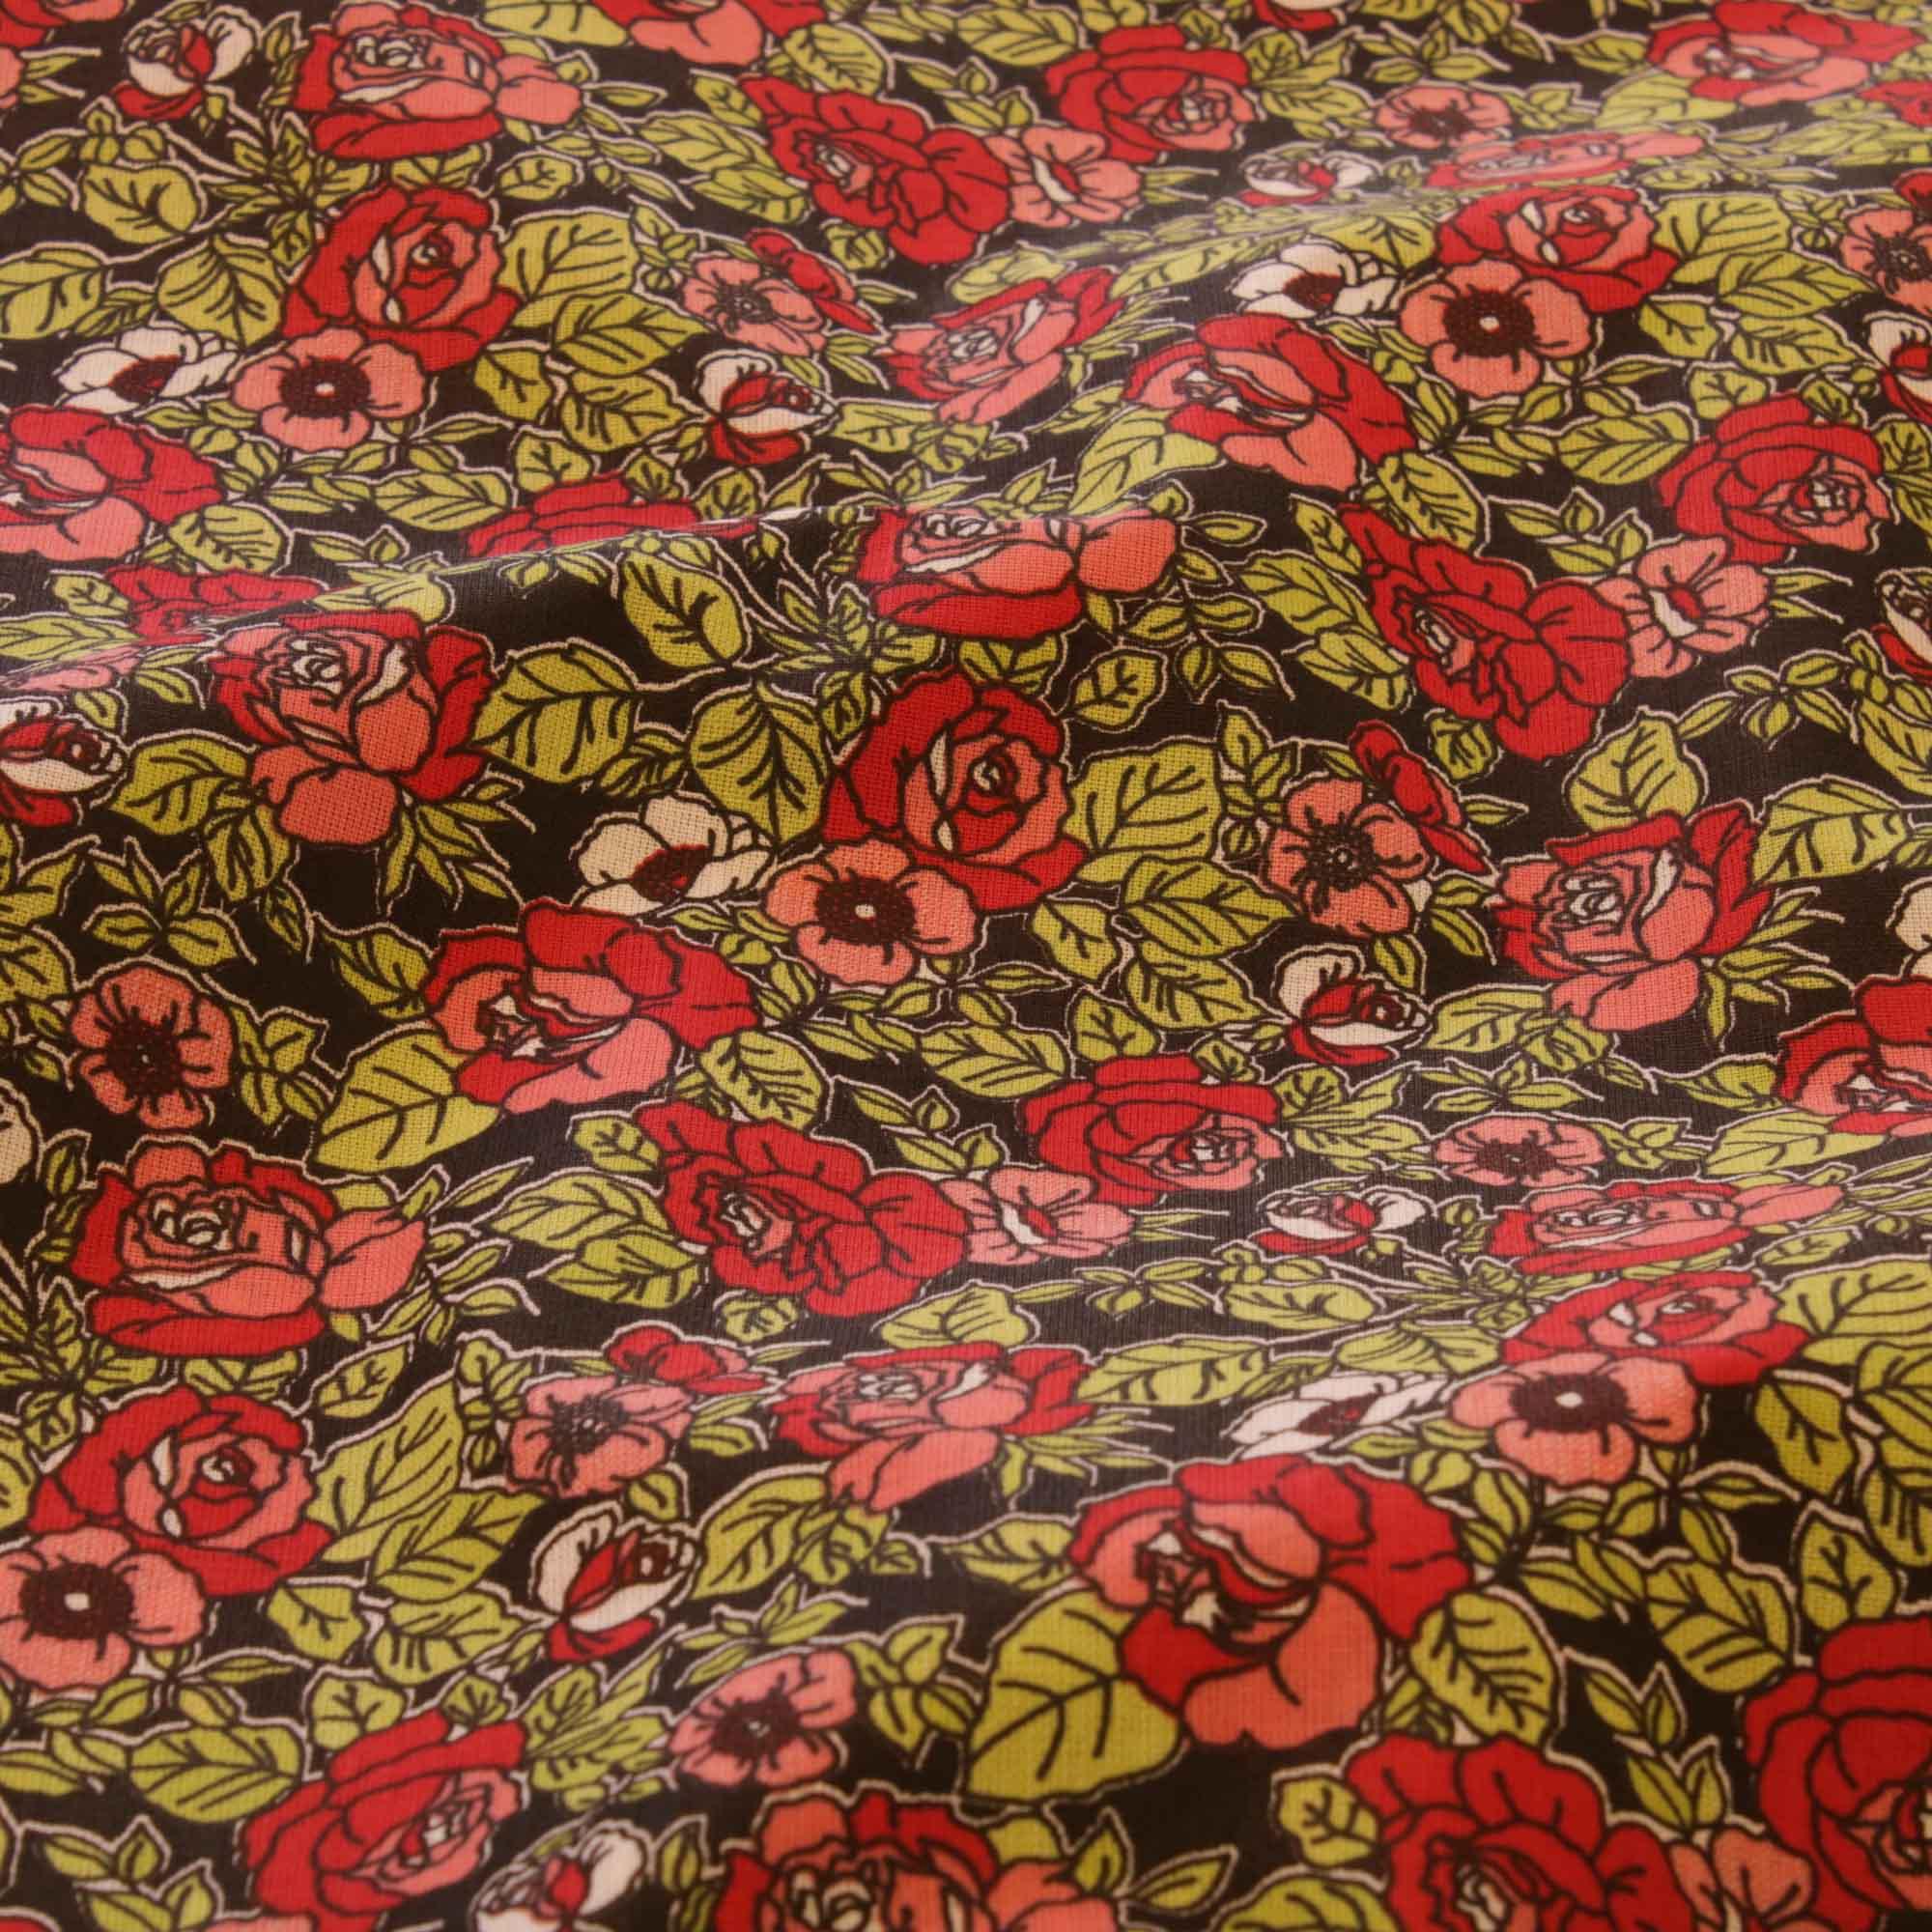 Tecido tricoline flores vermelhas 1,40 m largura fundo preto